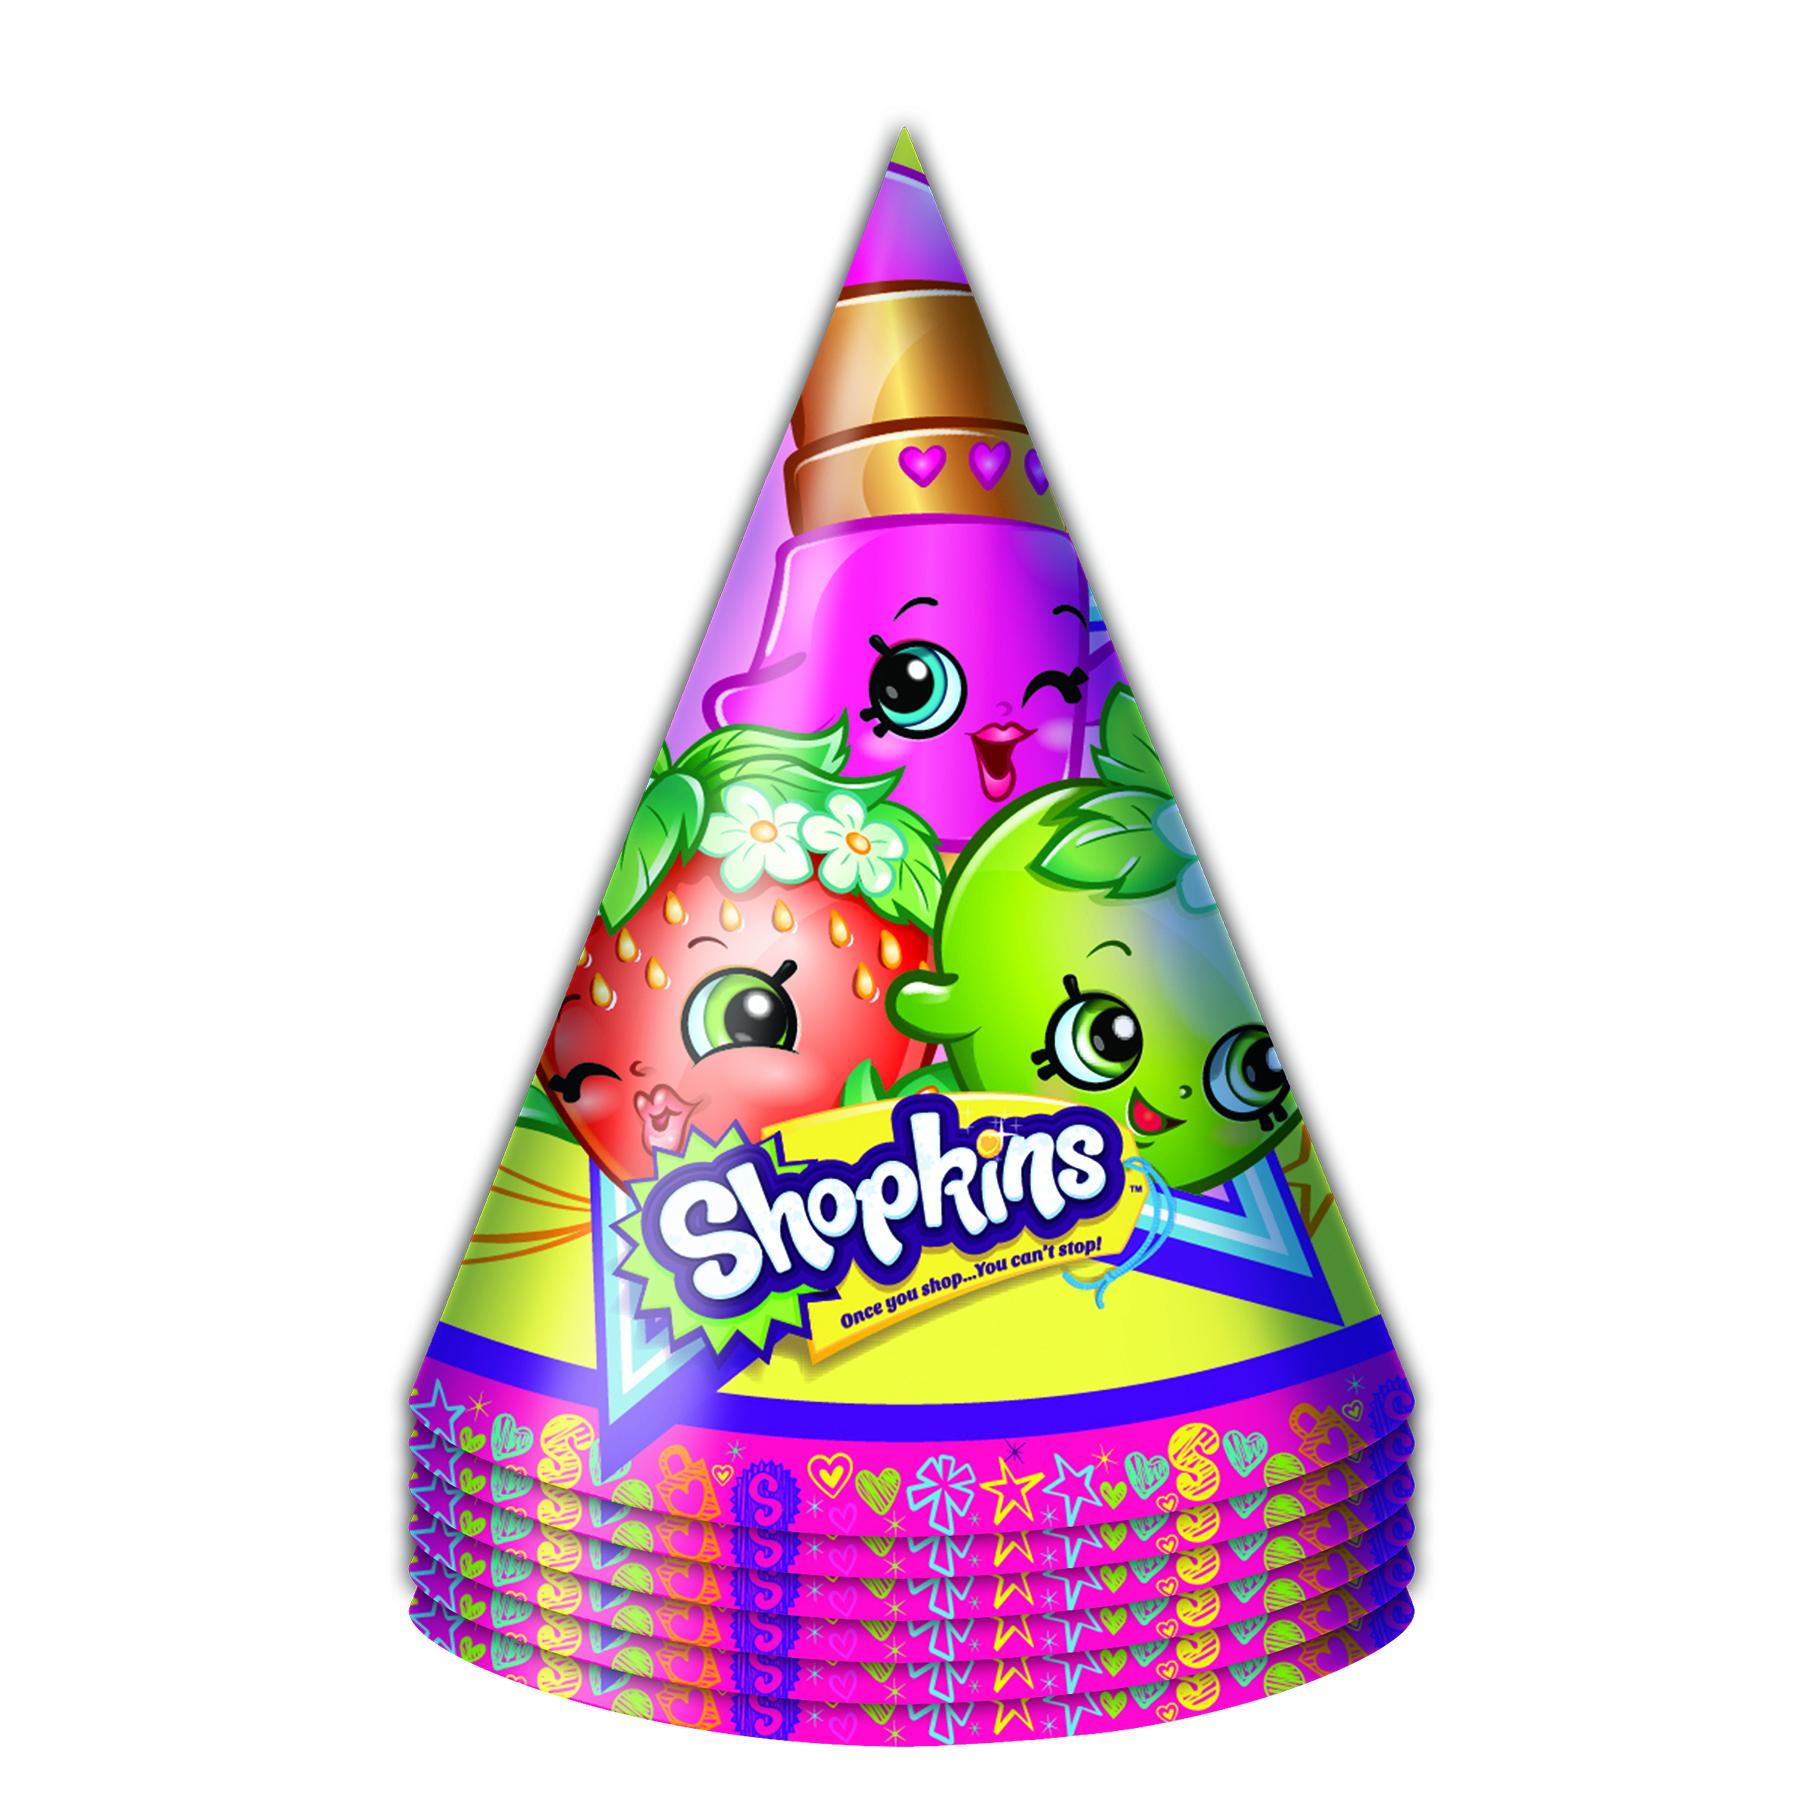 Набор бумажных колпачков из серии Шопкинс, 6 штукShopkins (Шопкинс)<br>Набор бумажных колпачков из серии Шопкинс, 6 штук<br>